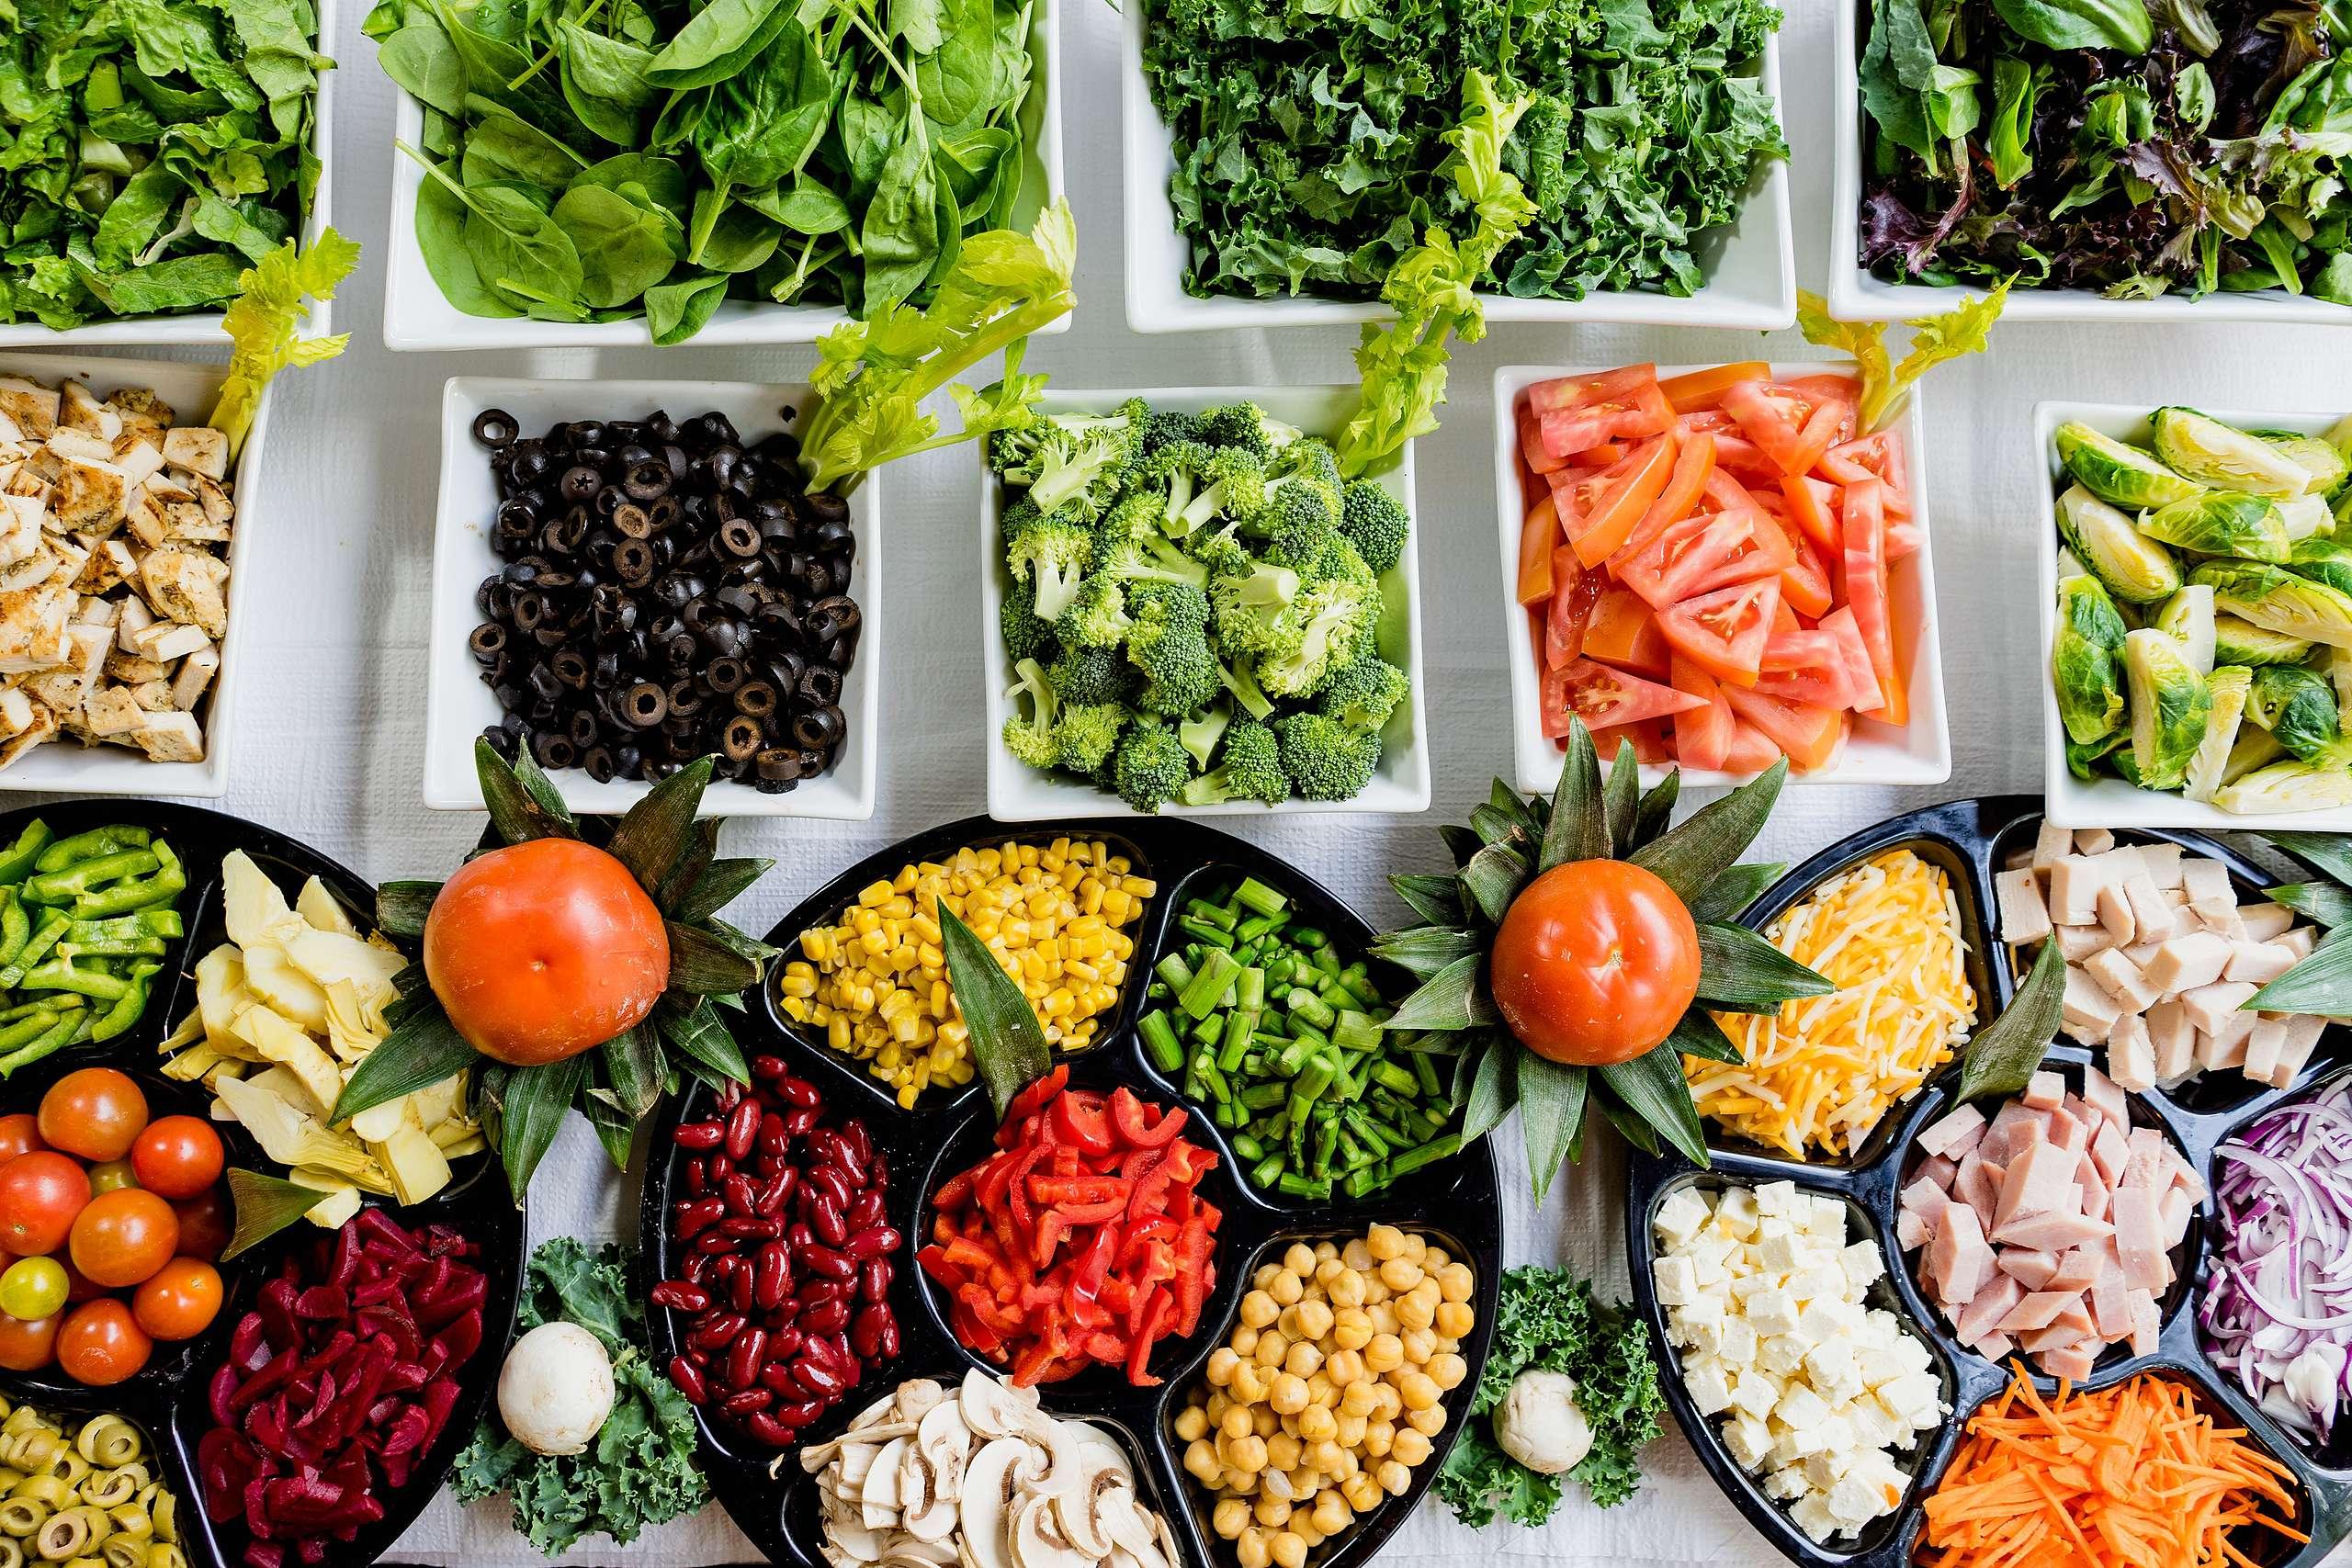 以蔬食為主的人,日常可以在飲食中多元攝取豆類、堅果、蔬菜、水果、穀類、藻類、菇類等含鐵量較高的食材,如果是蛋奶素者,也可以食用雞蛋補充鐵質。© Dan Gold / unsplash.com